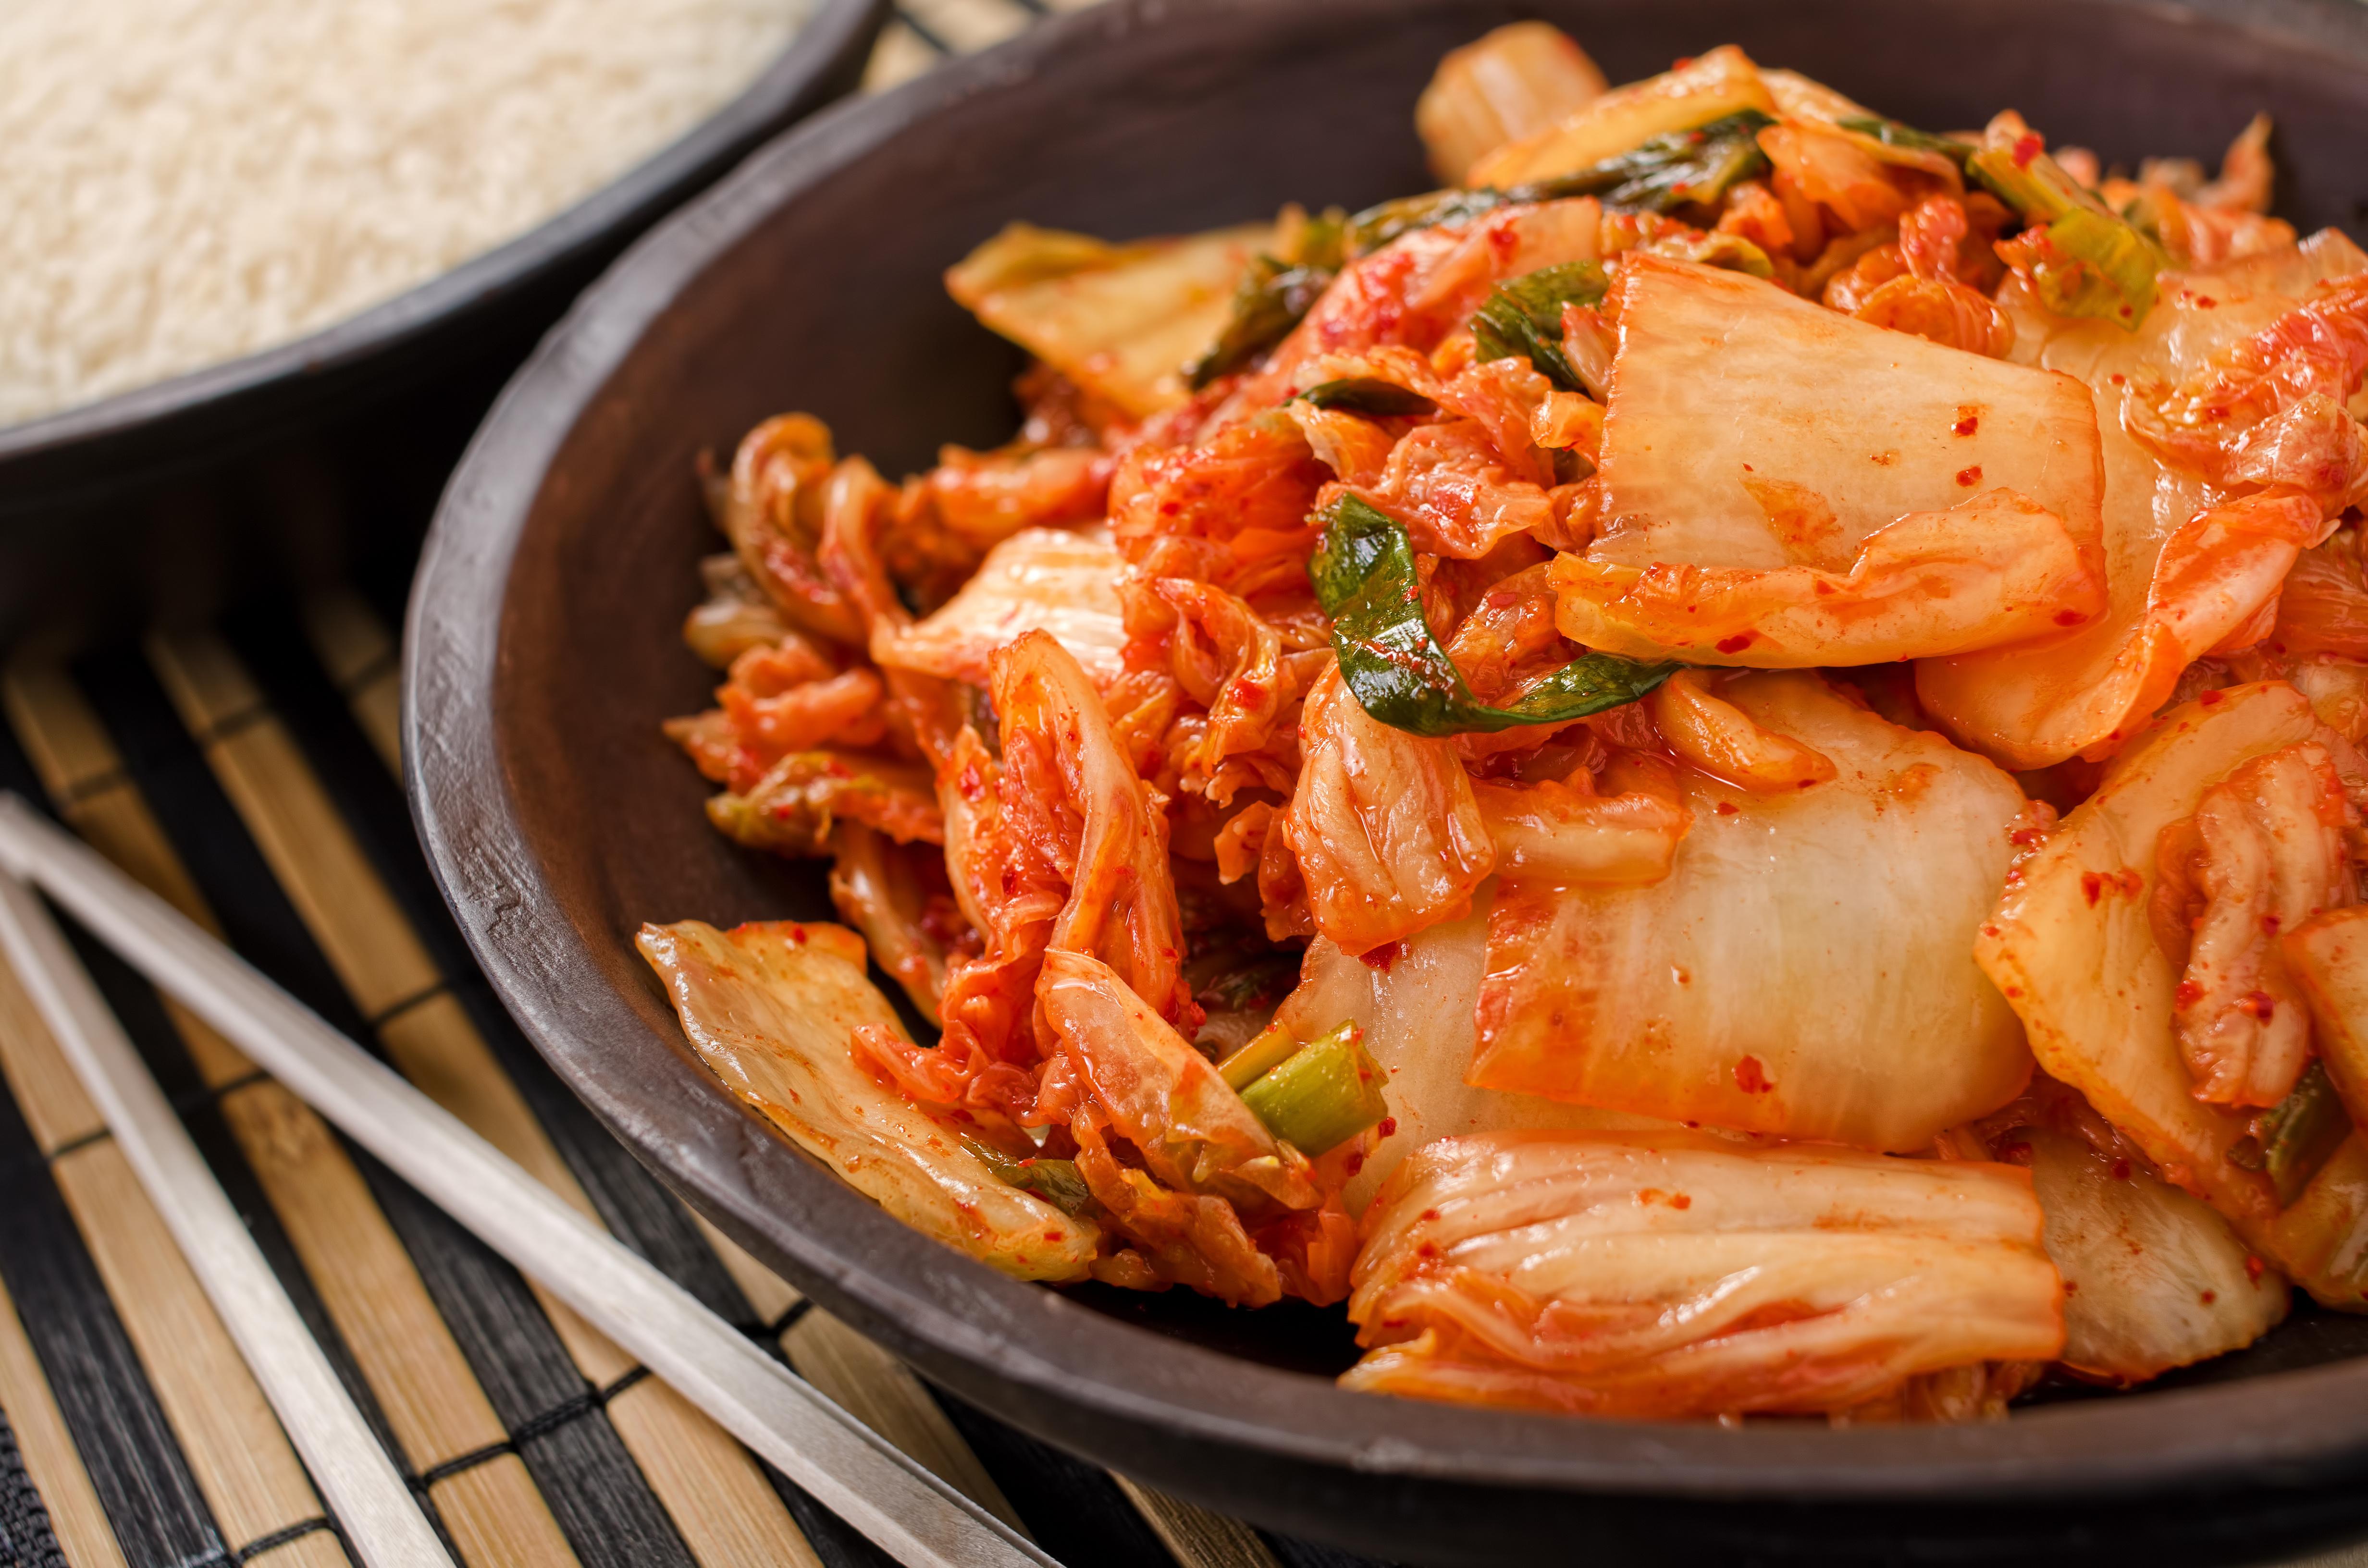 Egy másik ázsiai étel, a kimcsi is hasznos anyagokat tartalmaz a bélbaktériumok számára. Tejsavak segítségével fermentálták, és, mivel káposzta az alapanyaga, K- és B2-vitaminban is kifejezetten gazdag.